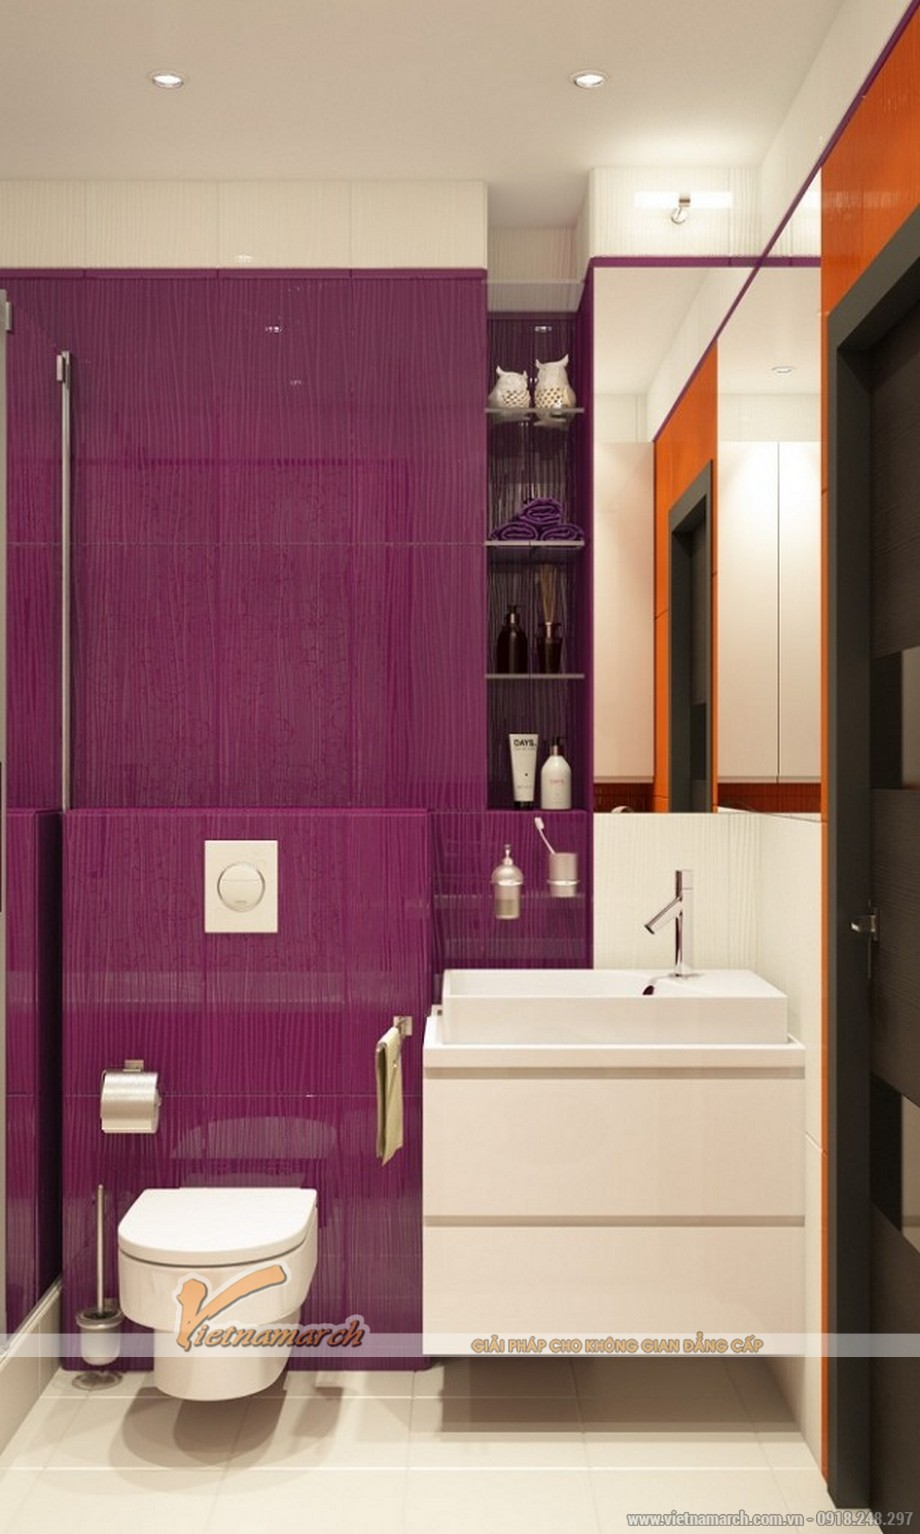 Phòng tắm với những đồ nội thất hiện đại